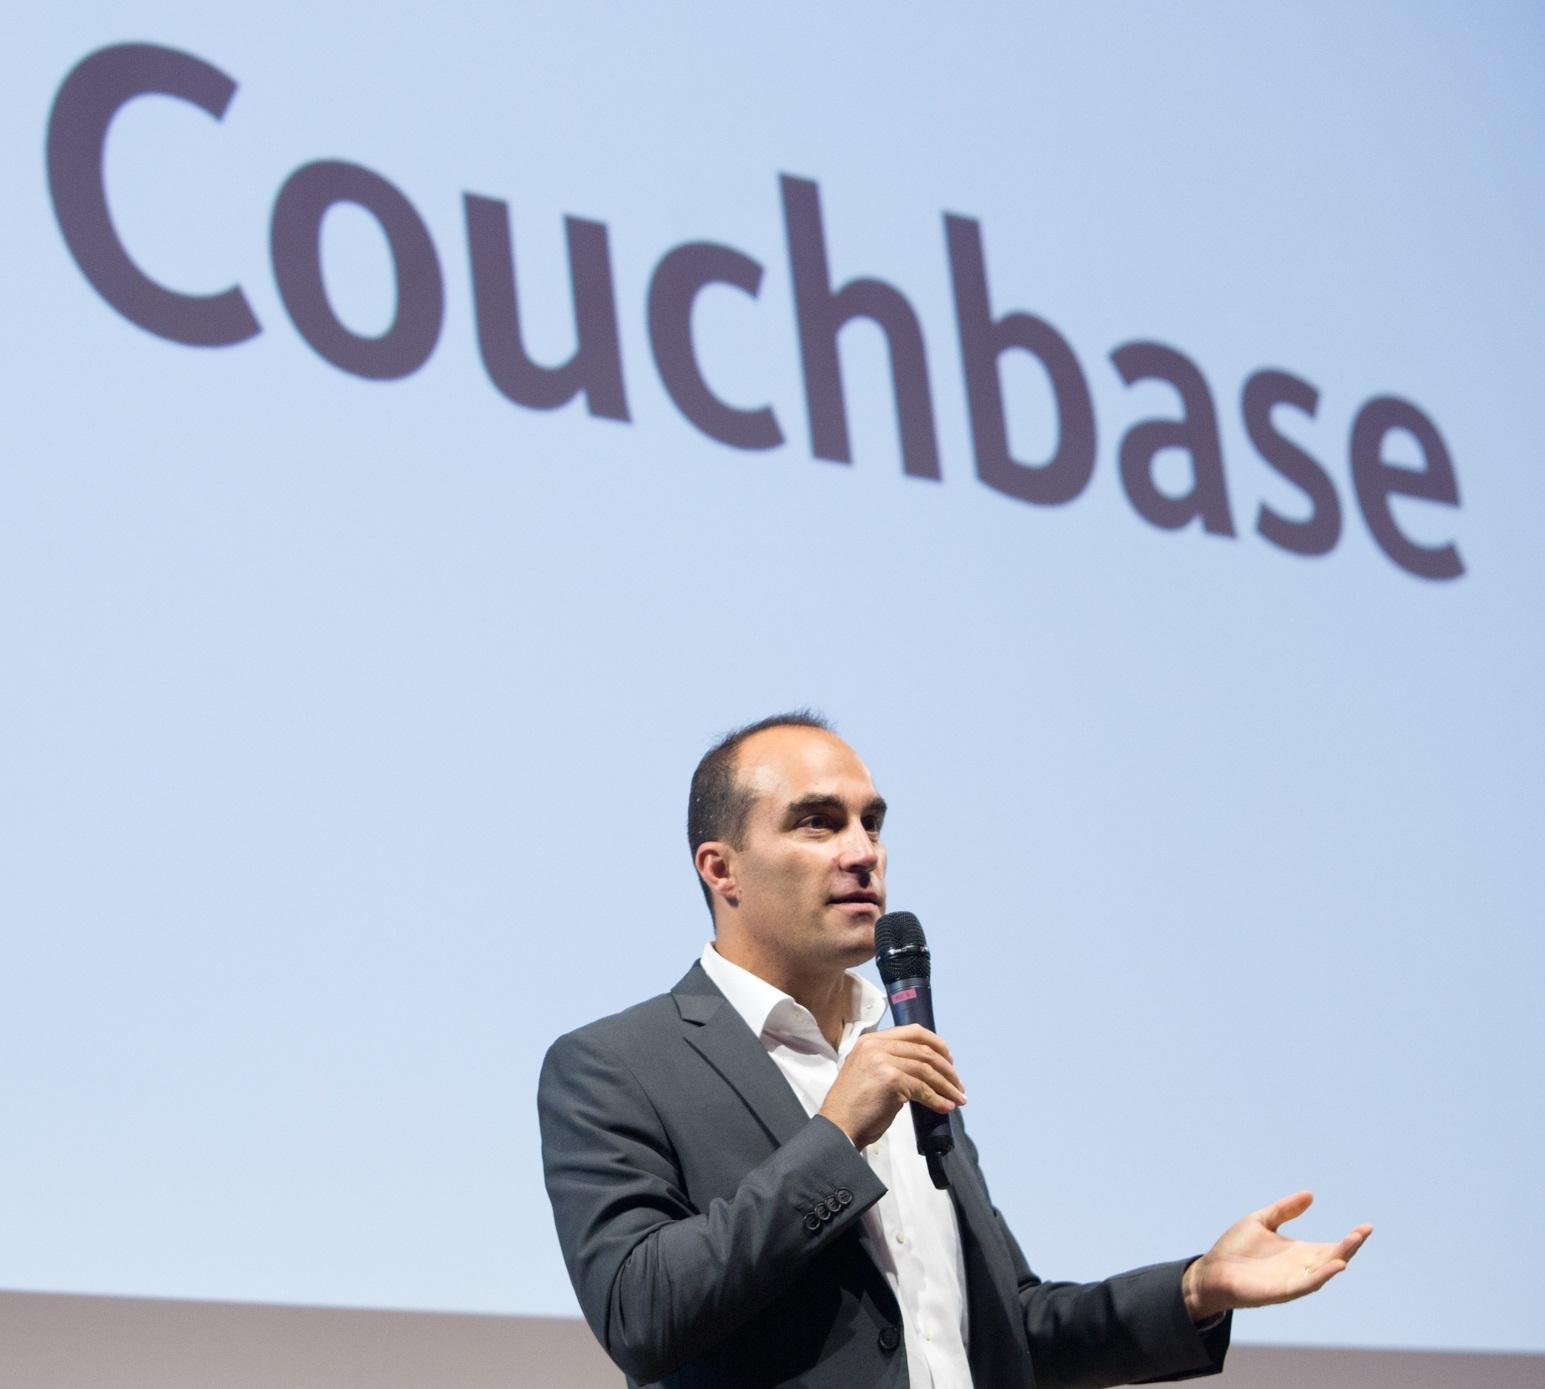 Vincent Gonnot, Couchbase